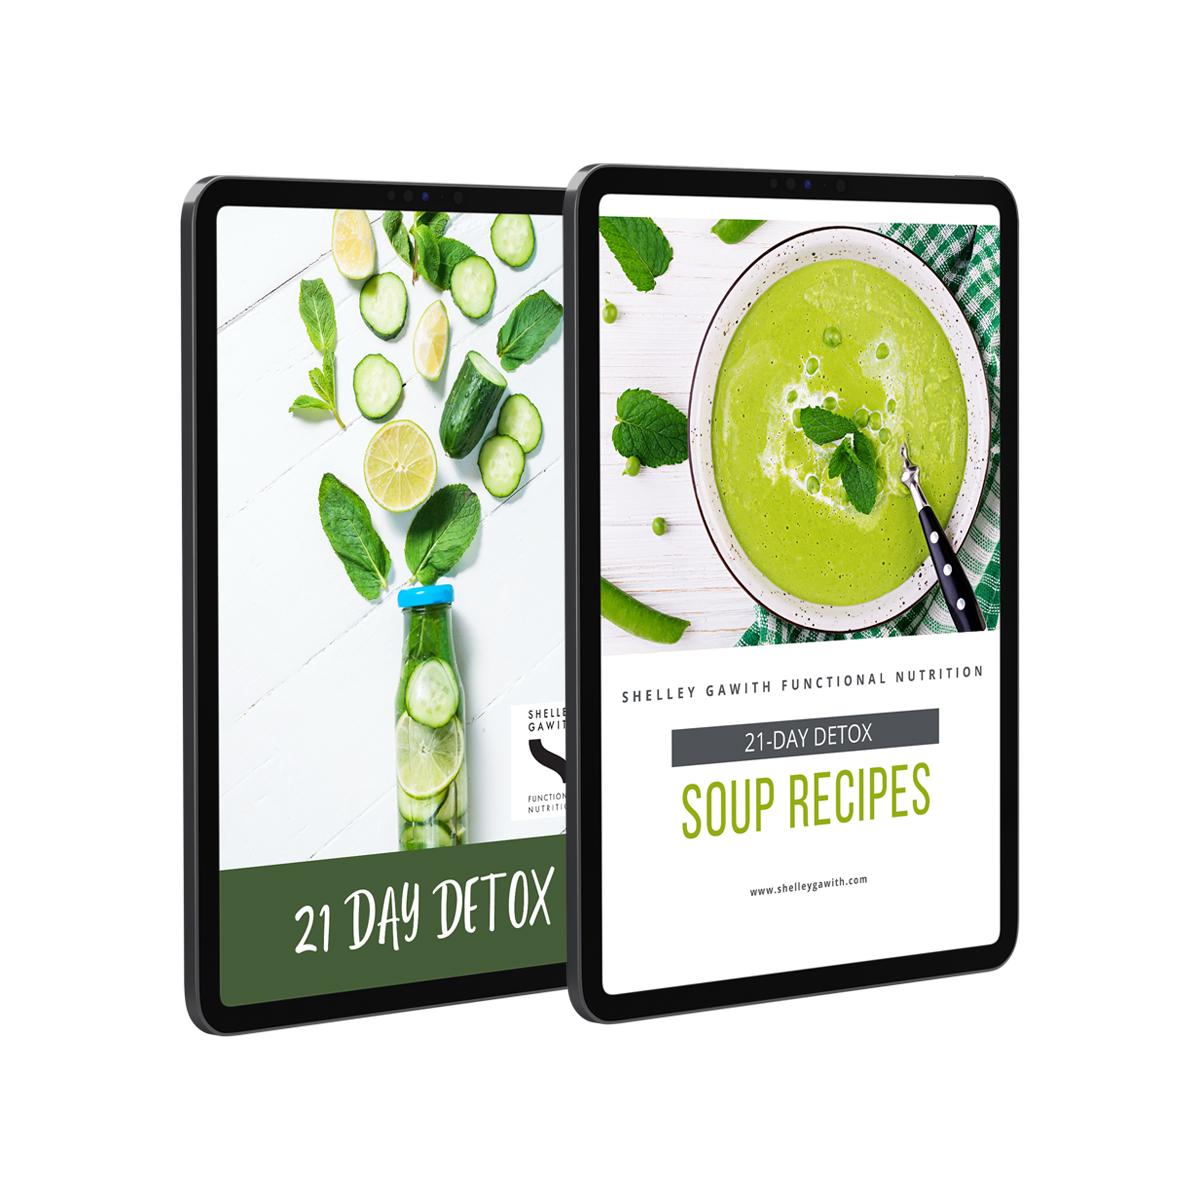 Ebooks on iPads